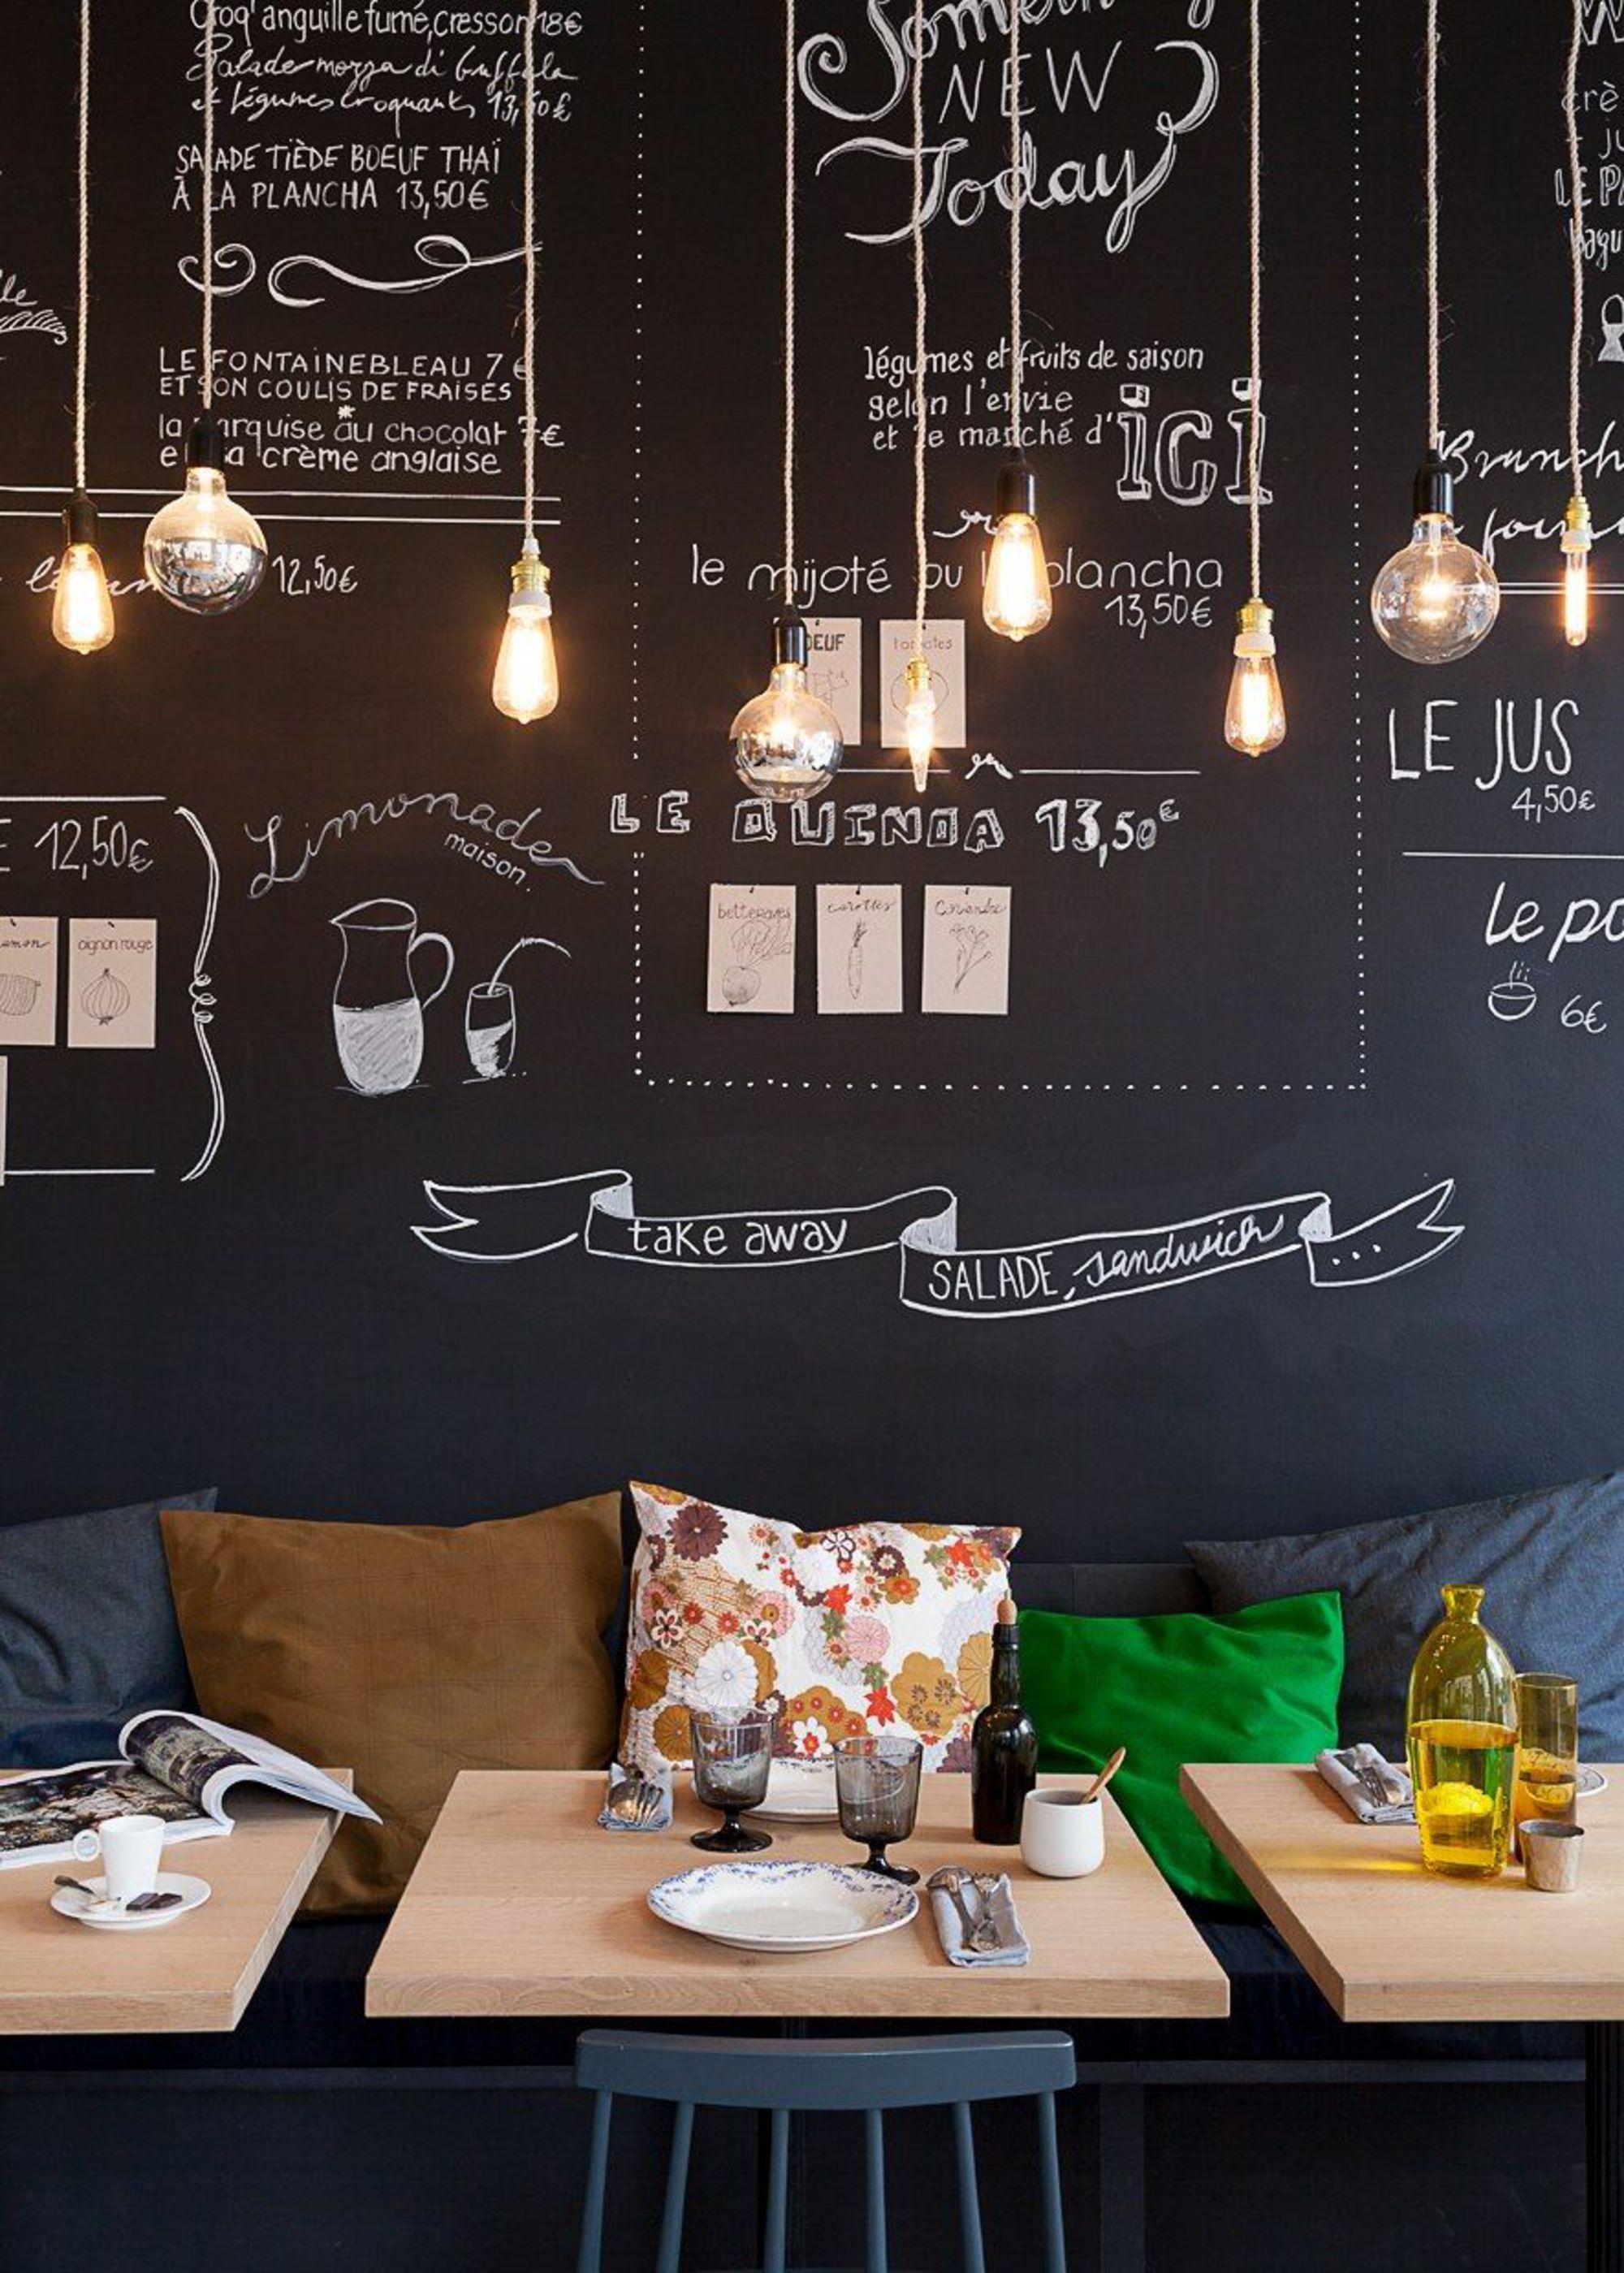 Deco cuisine bistrot : 16 idées déco  Deco bistrot, Cuisine